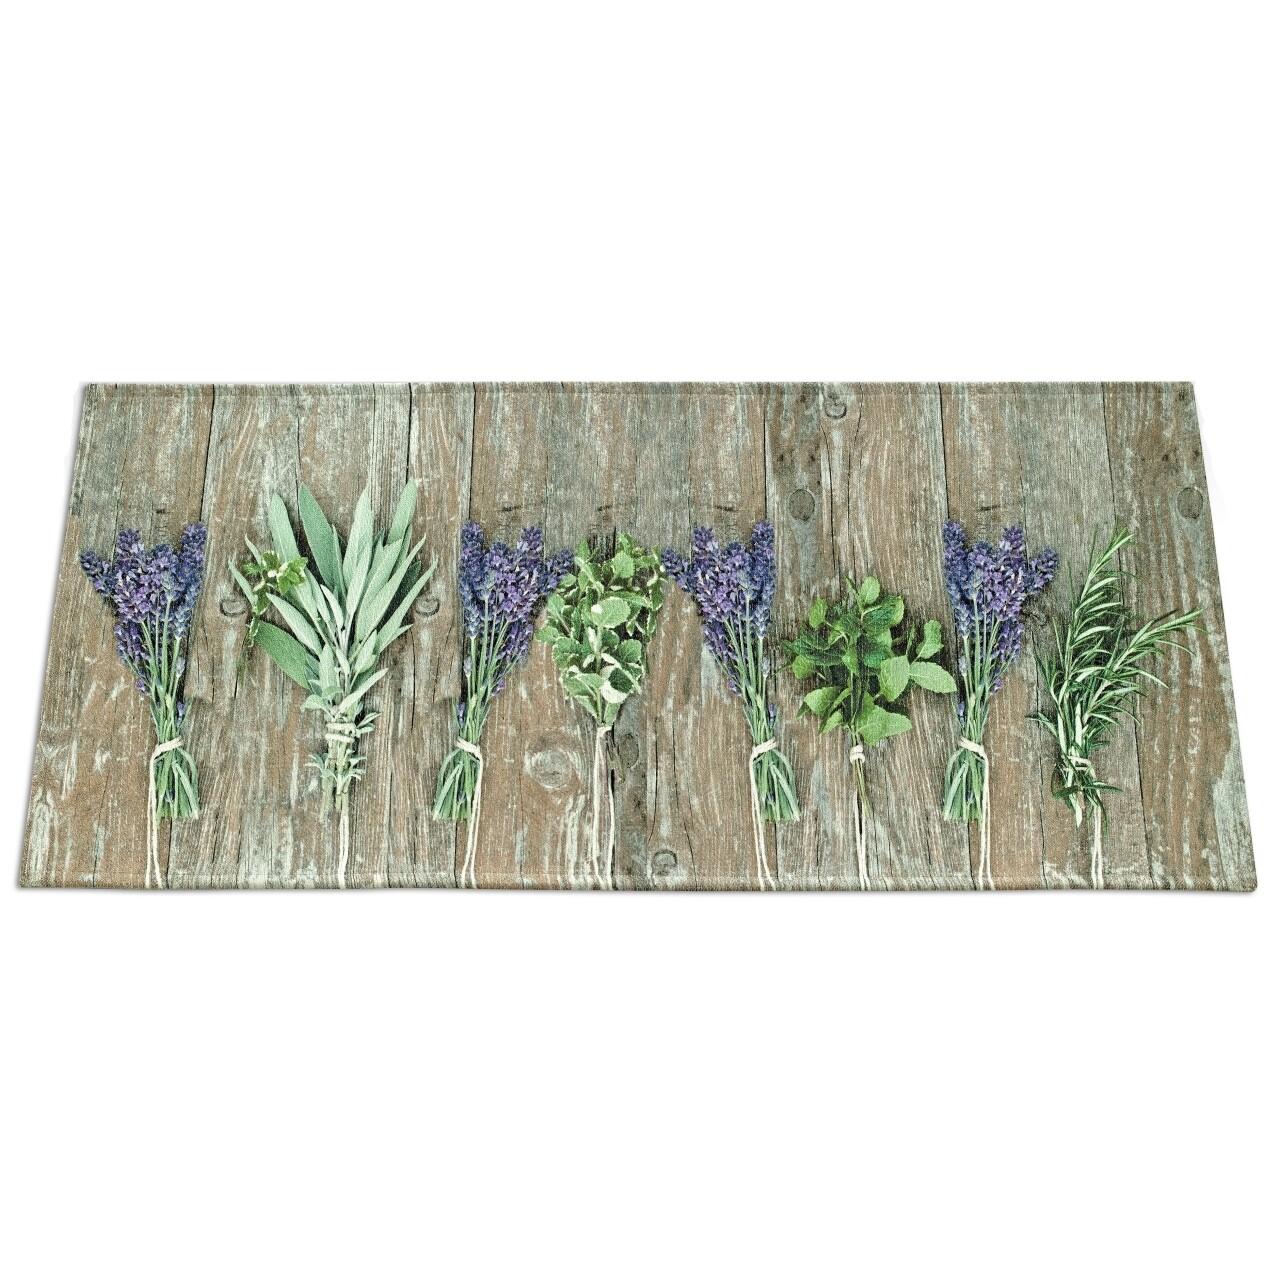 Covor rezistent Webtappeti Lavender 60x140 cm, bej/verde